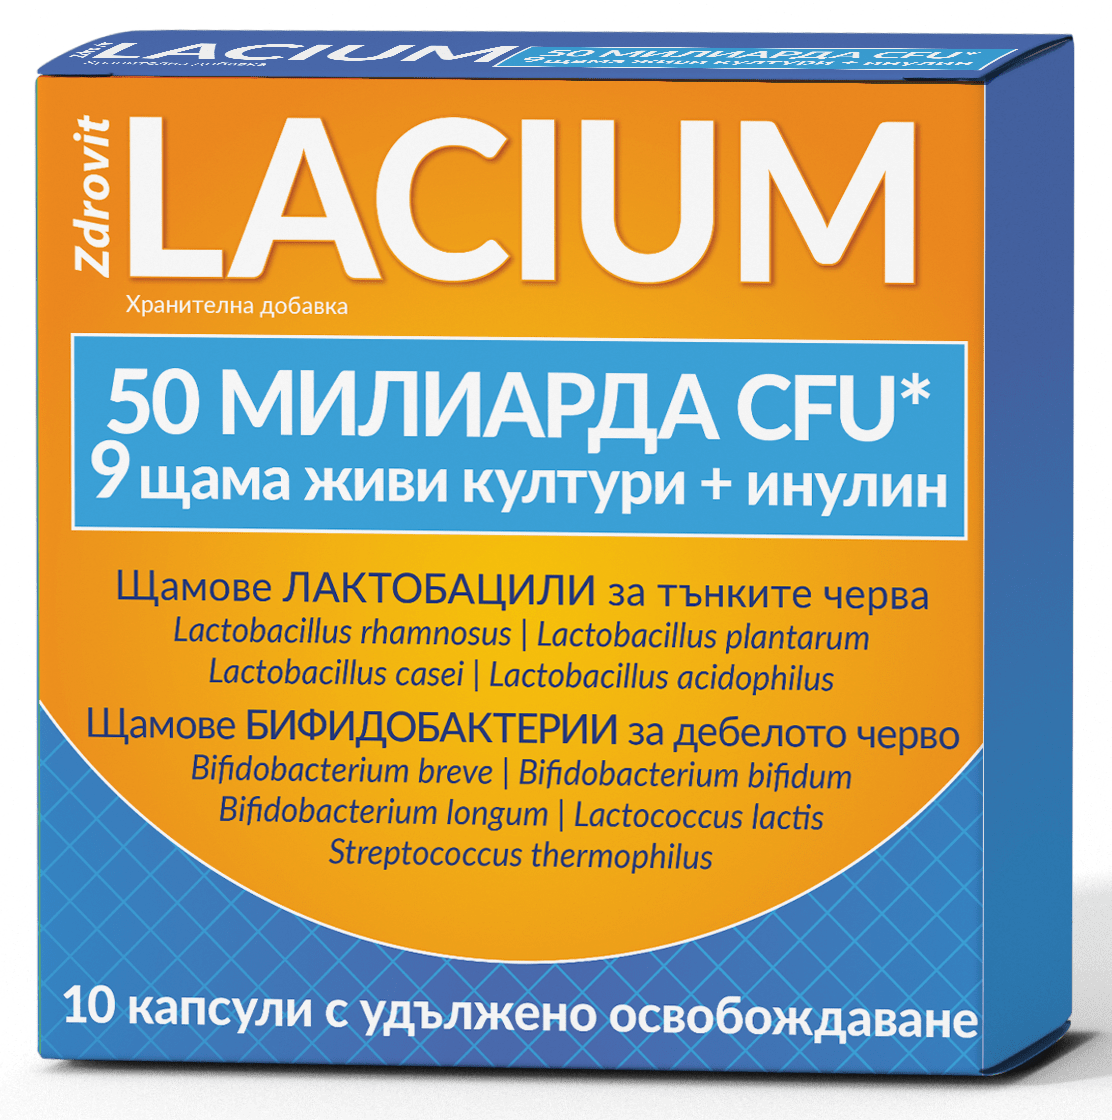 LACIUM / ЛАЦИУМ